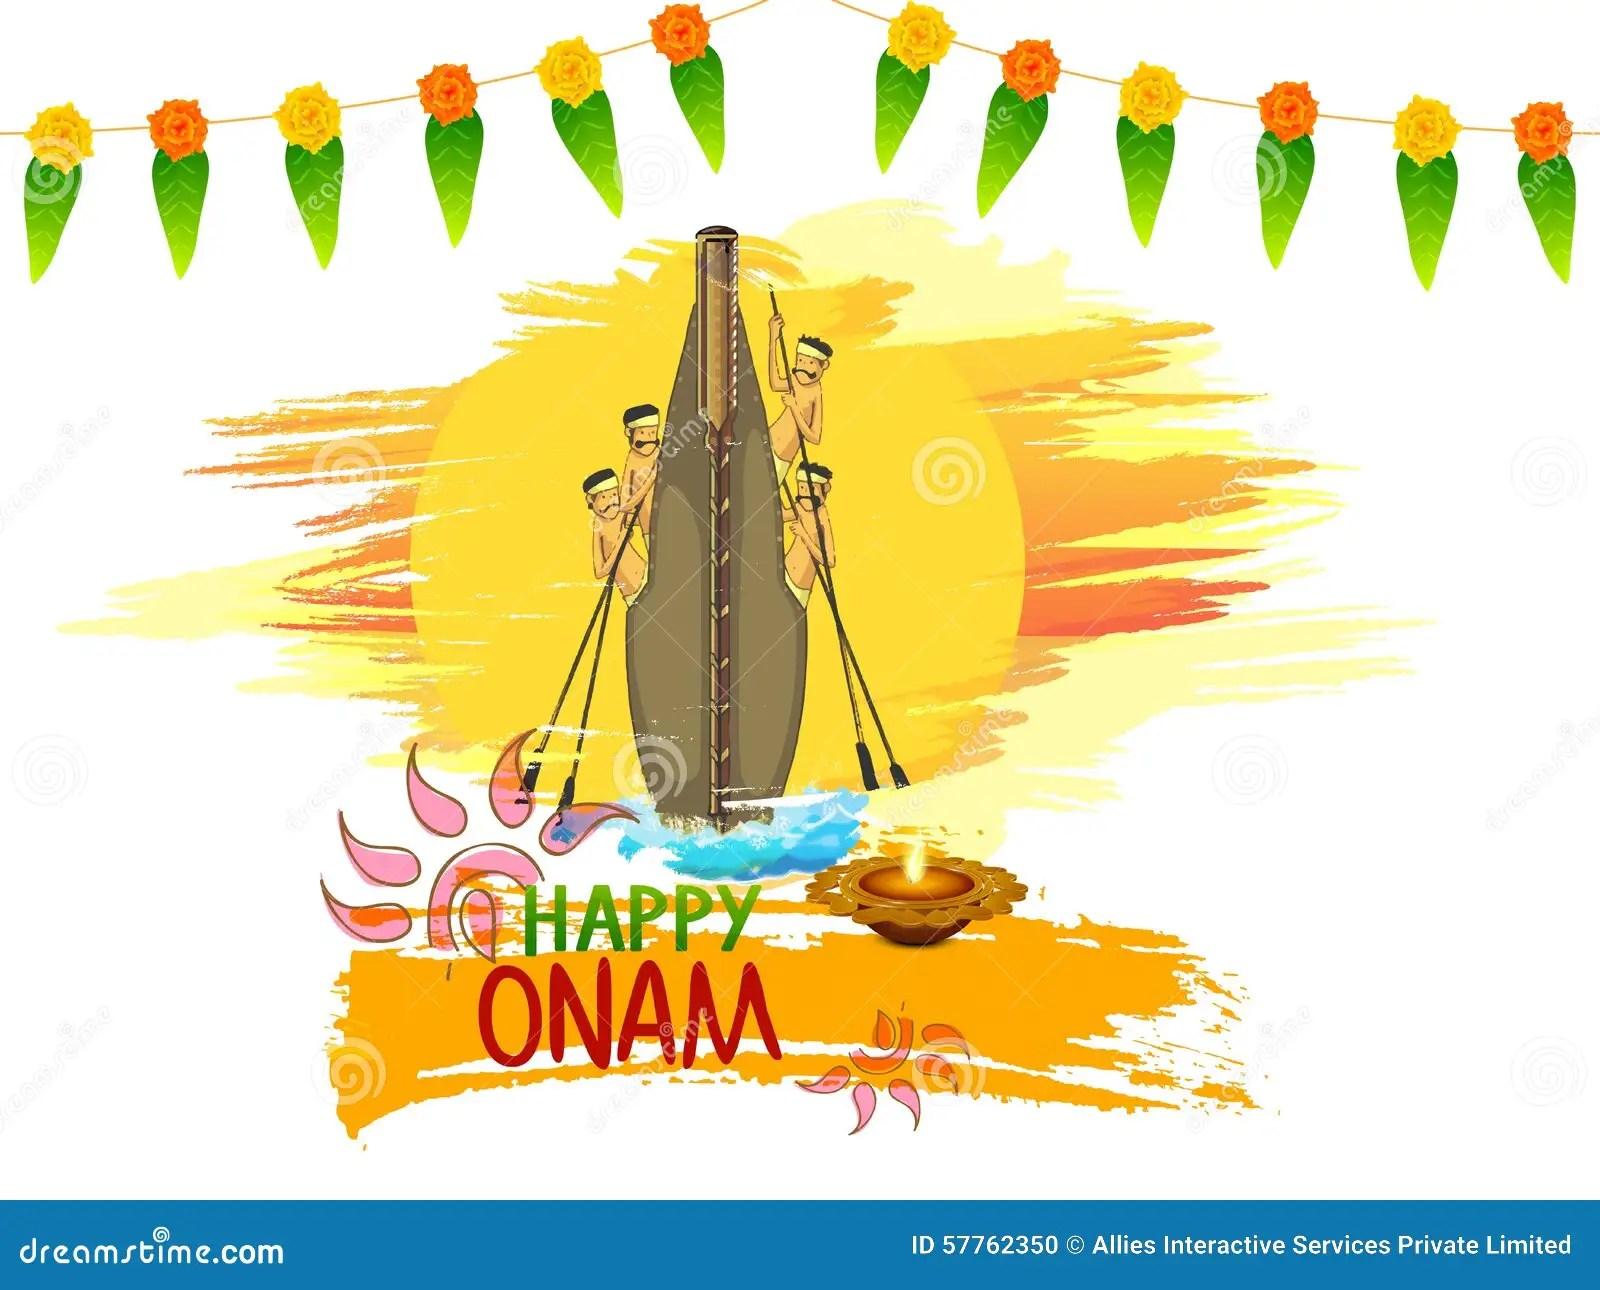 Stylish Snake Boat For Happy Onam Celebration Stock